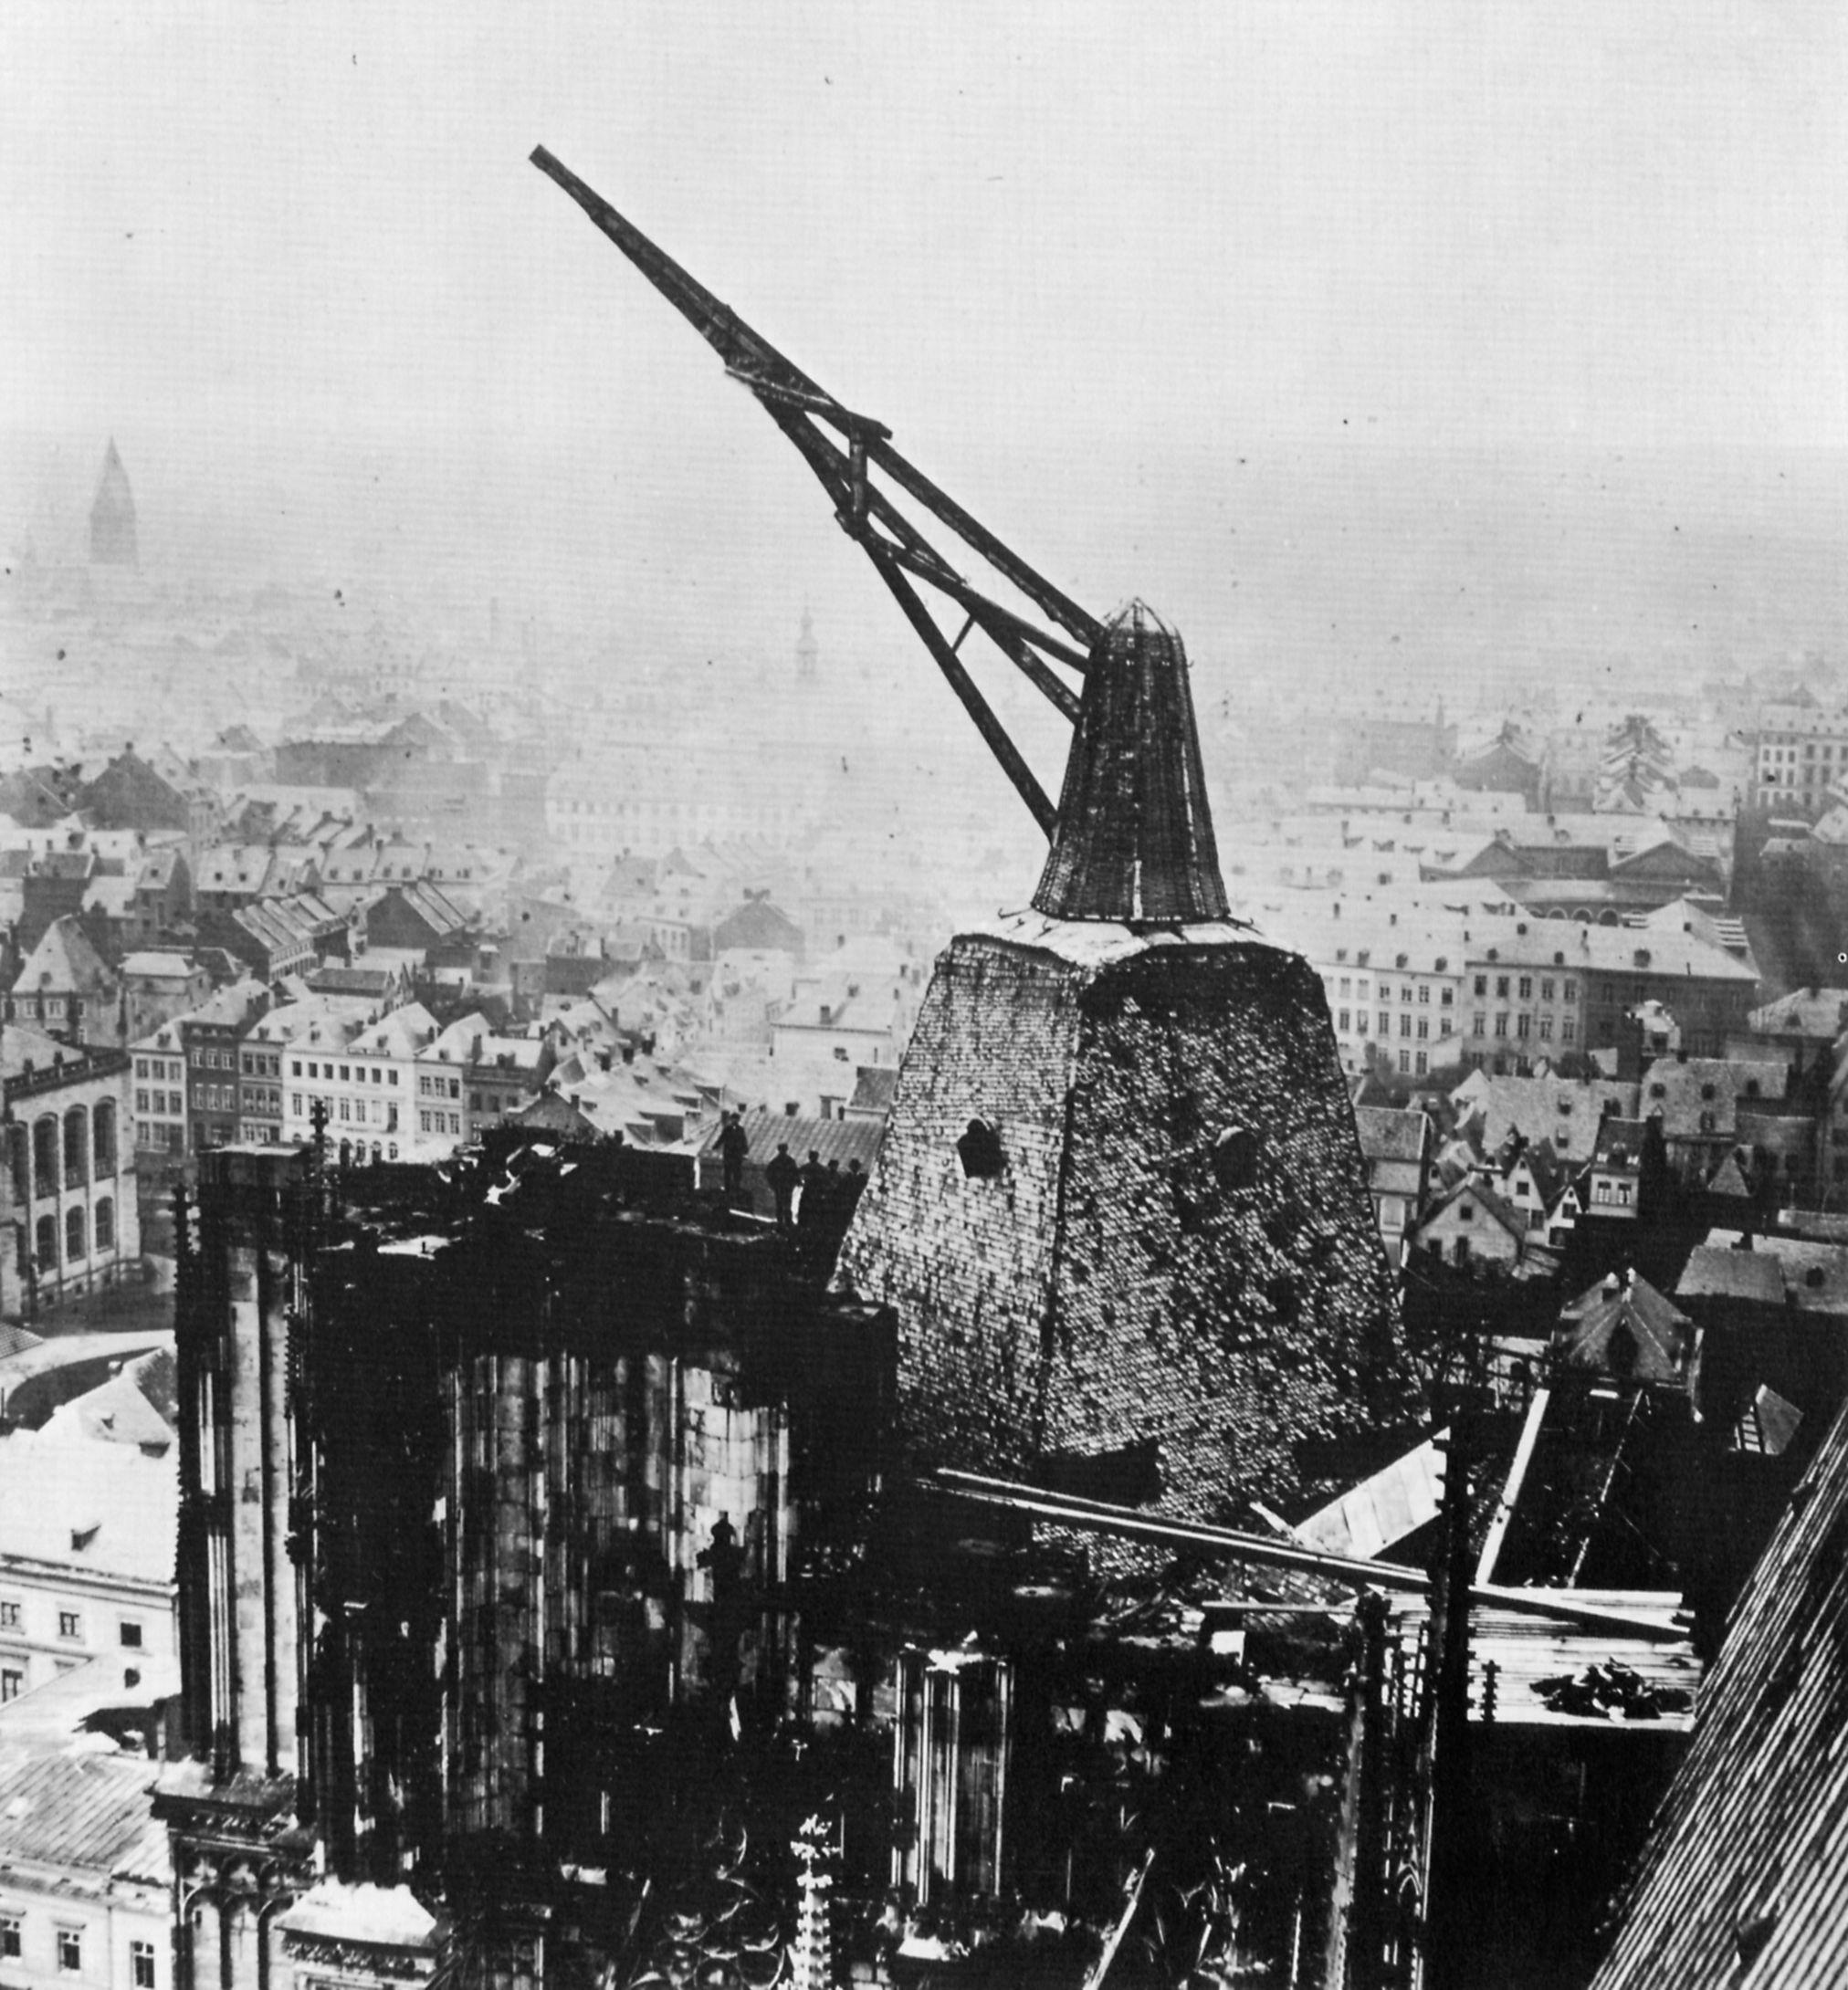 Kran auf dem Südturm des Kölner Doms (Quelle: Theodor Creifelds, WikiCommons)